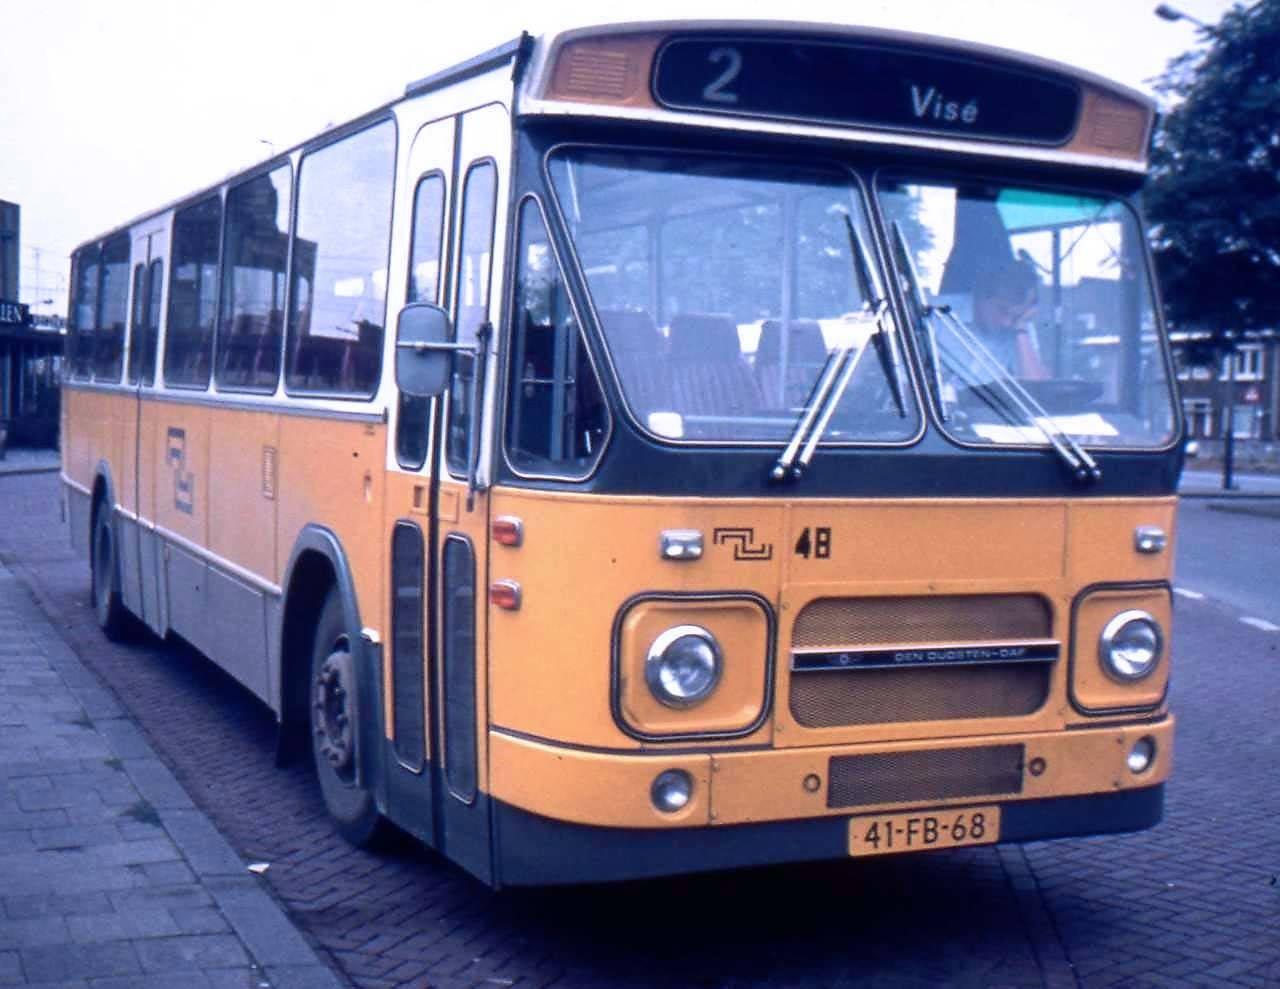 48-1978-08-00-48-41-FB-68-DAF-MB200-DKDL600-00162165-1978-Den-Oudsten-6270-4533-1980-10-01-VSL-8-277-NS-8335